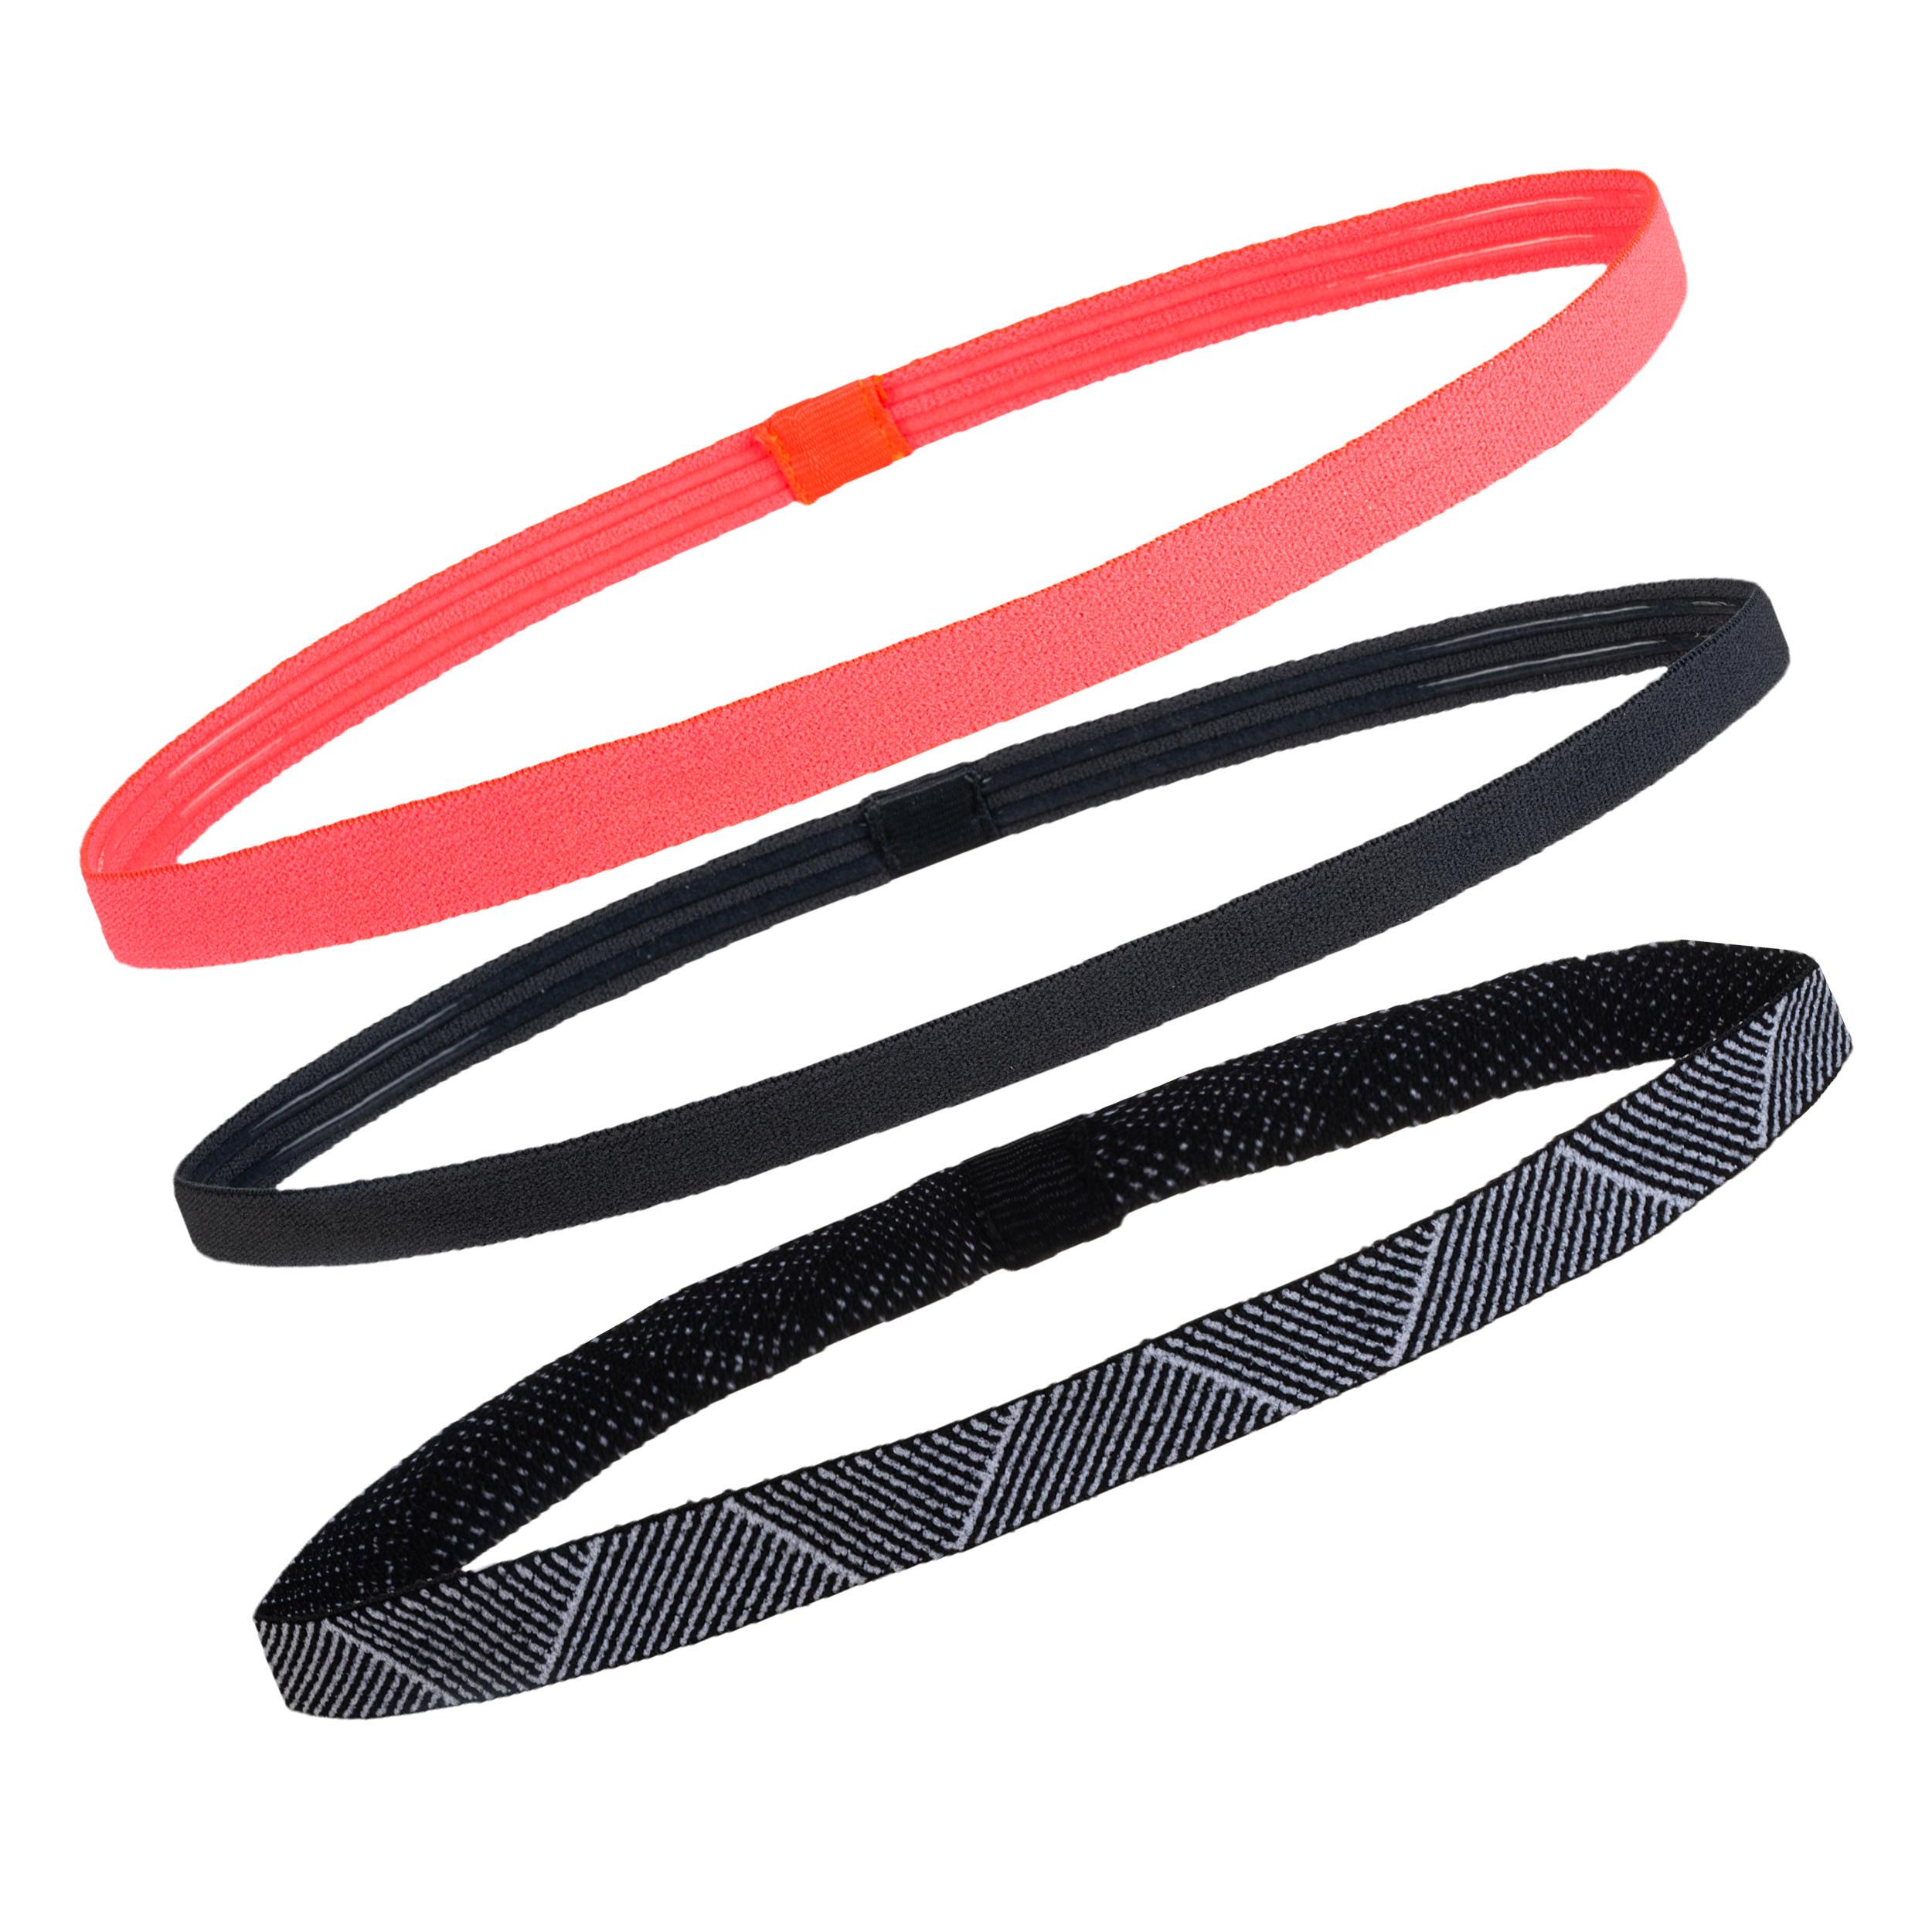 styles frais officiel de vente chaude 100% de qualité Bandeau élastique (lot de 3) fitness cardio-training femme rose et noir